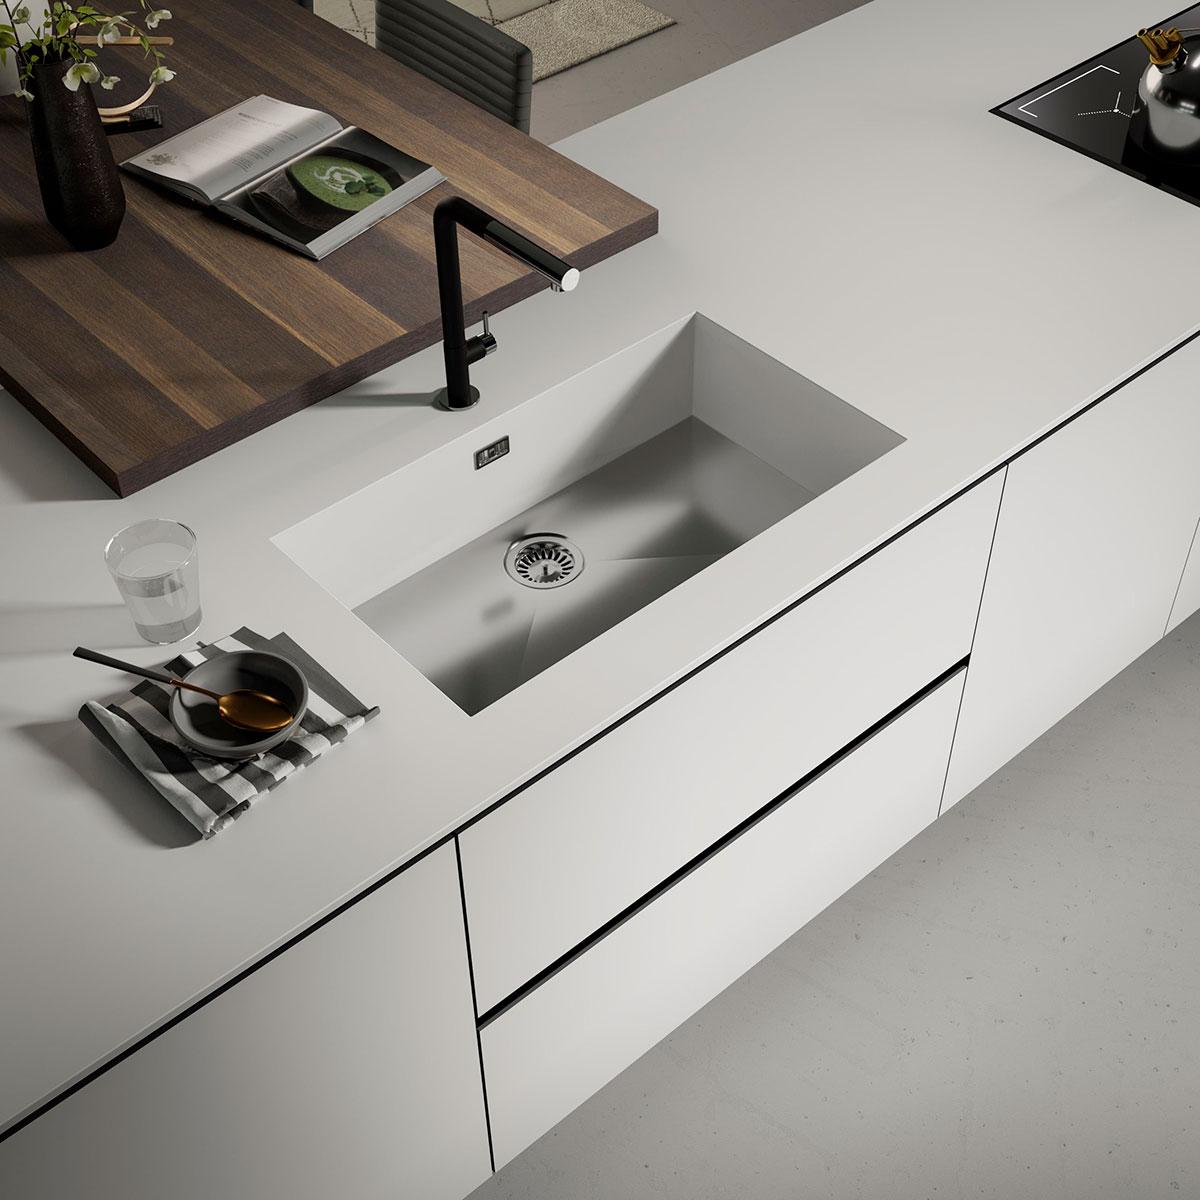 06-cucina-moderna-stratos-hpl-grigio_cemento-gesso_01